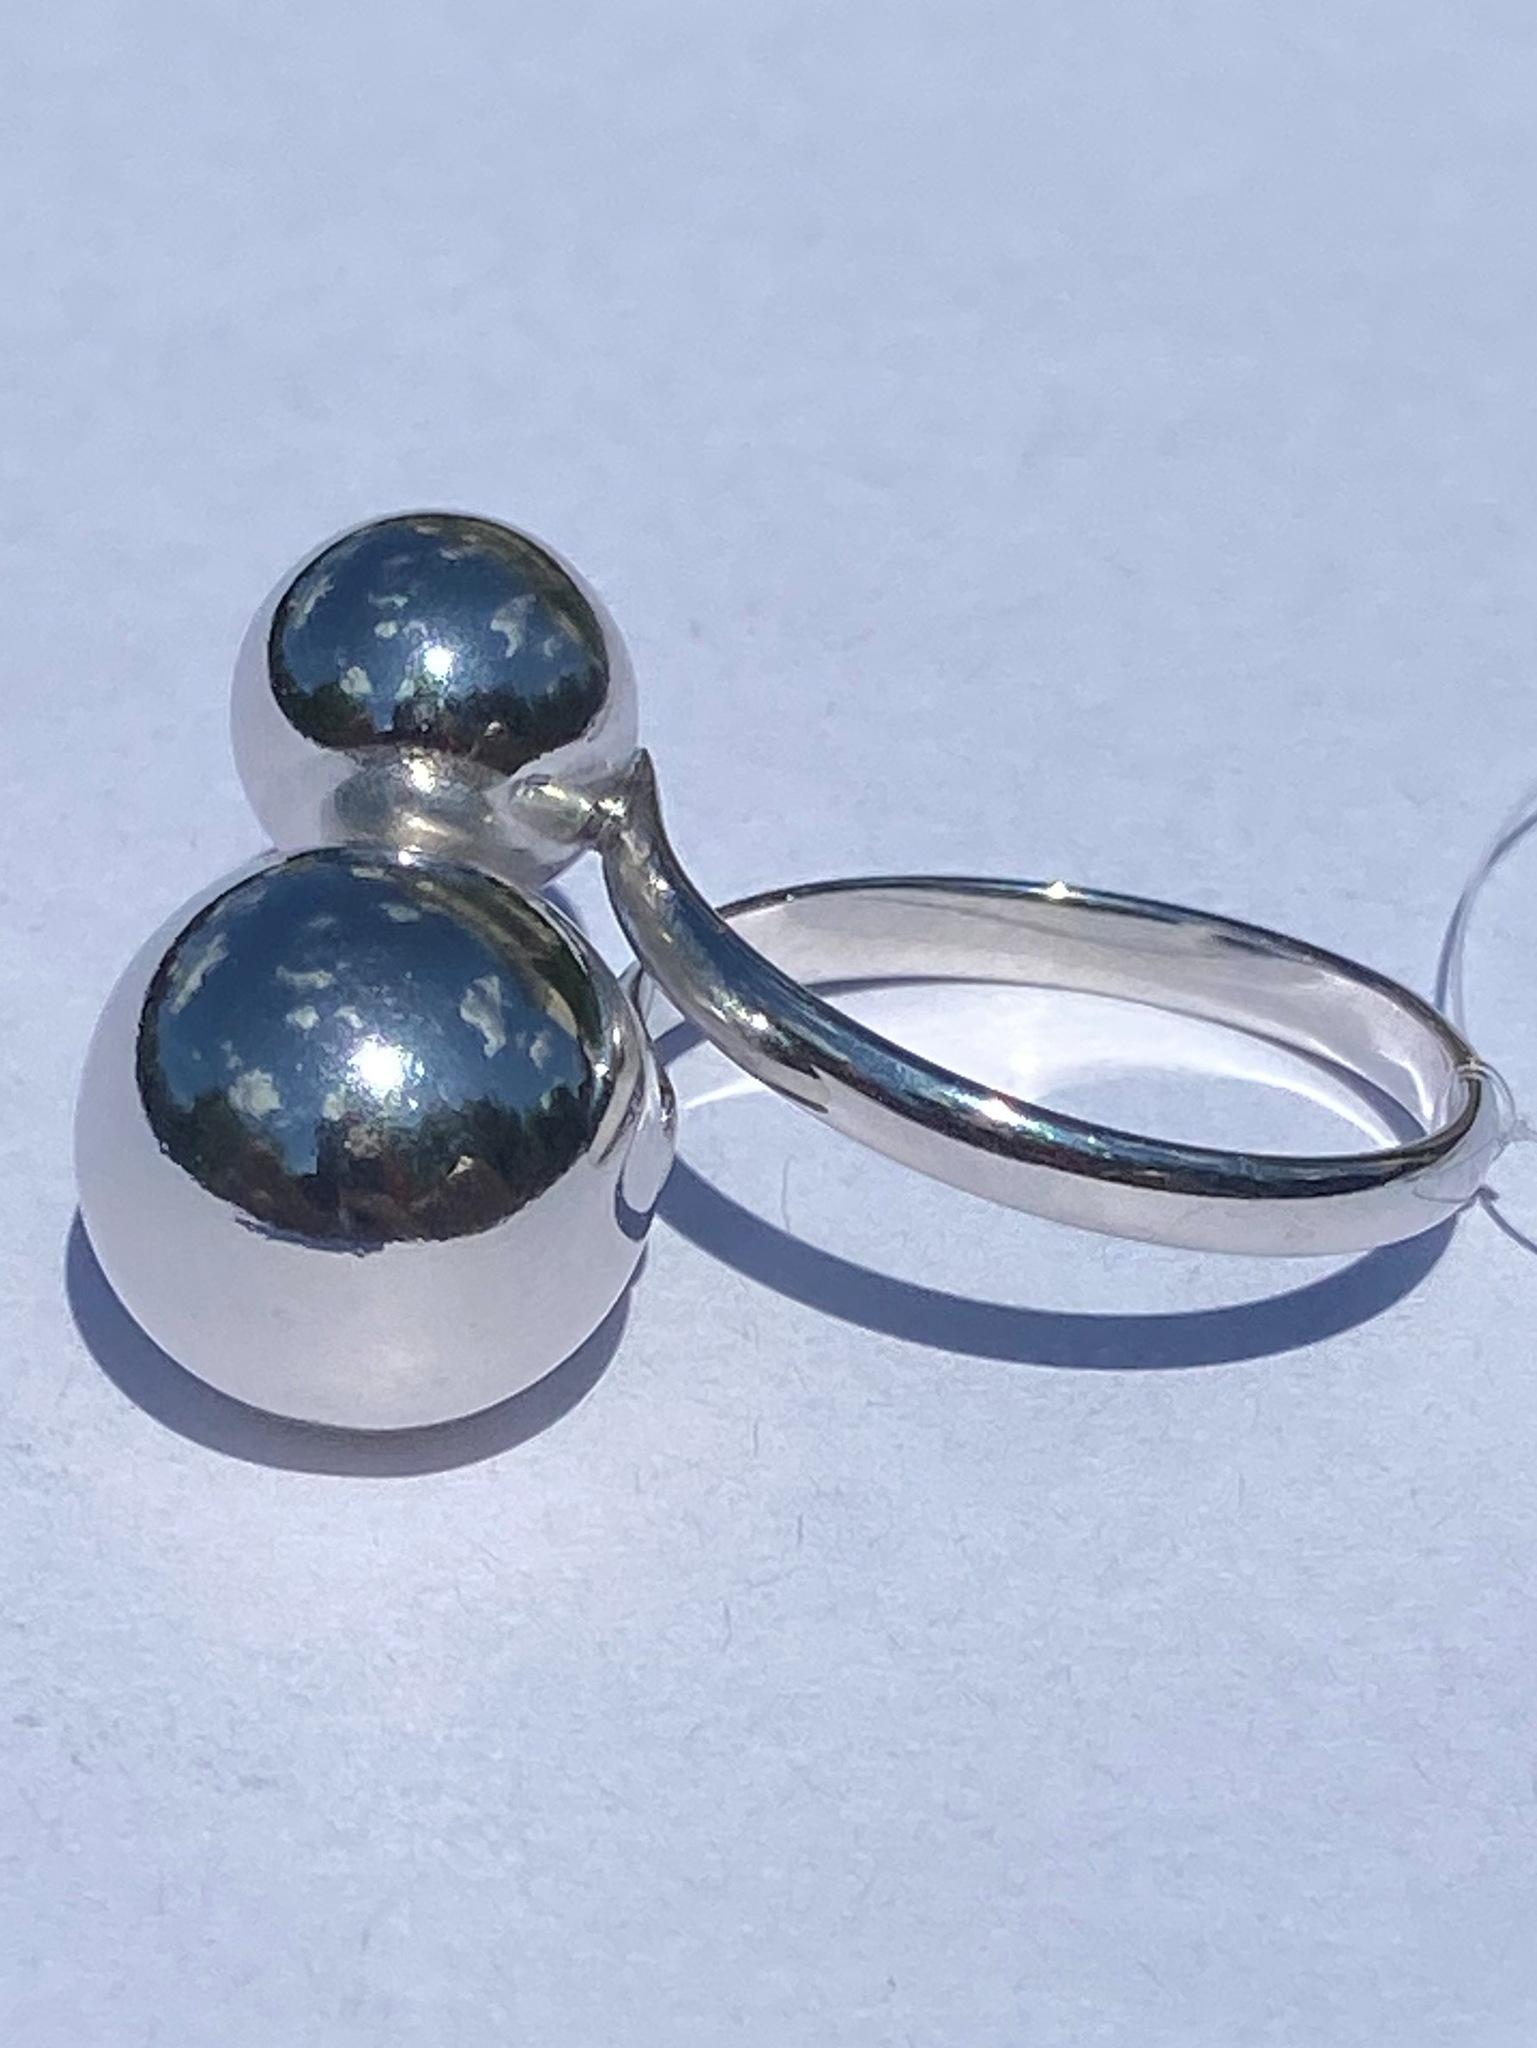 Шары 0,9+1,2 (кольцо из серебра)